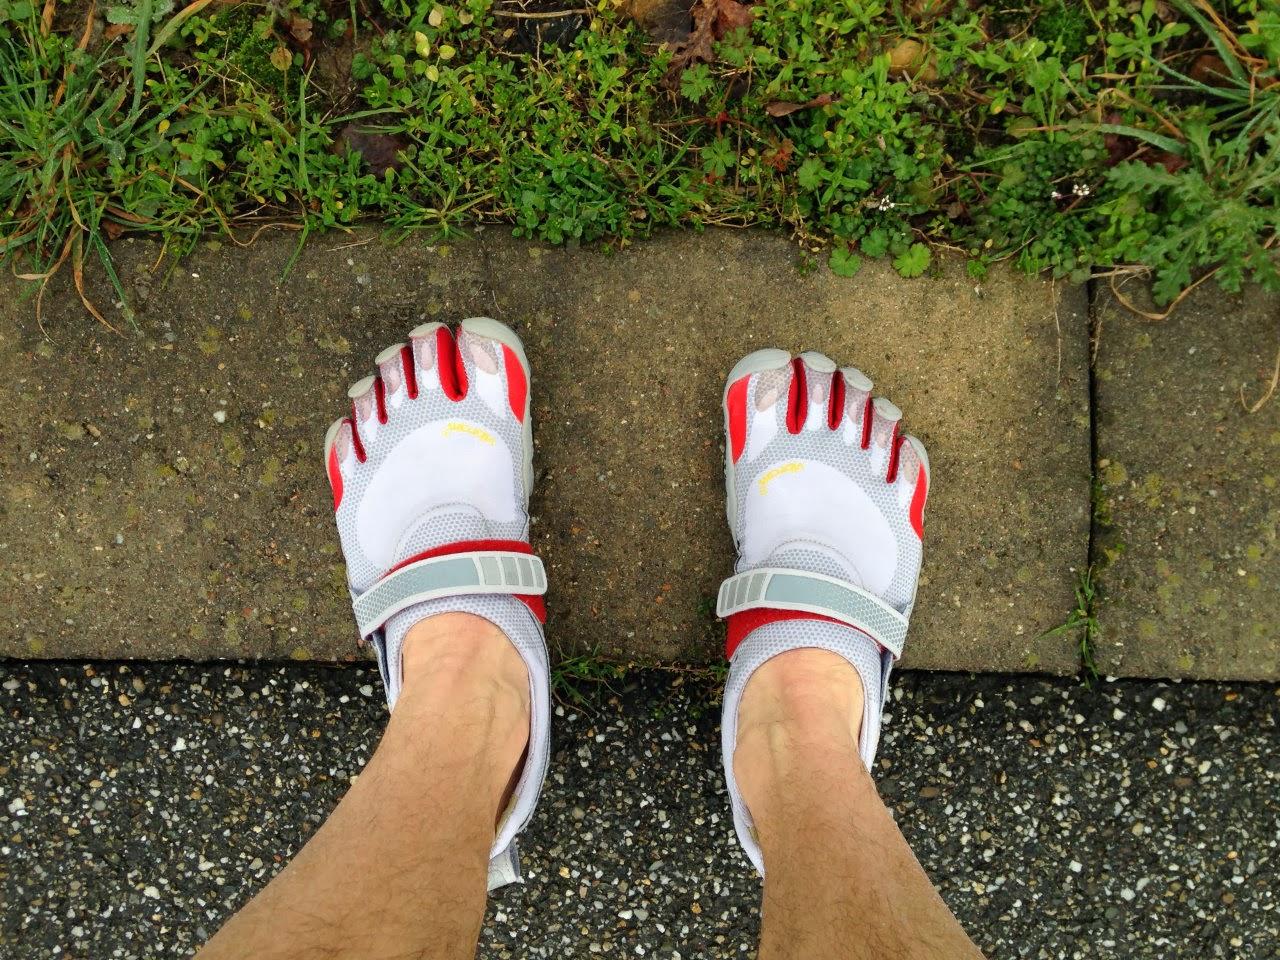 vendita calda reale Sconto del 60% vari stili scarpe per correre su asfalto, Mizuno Shop Online Italia ...